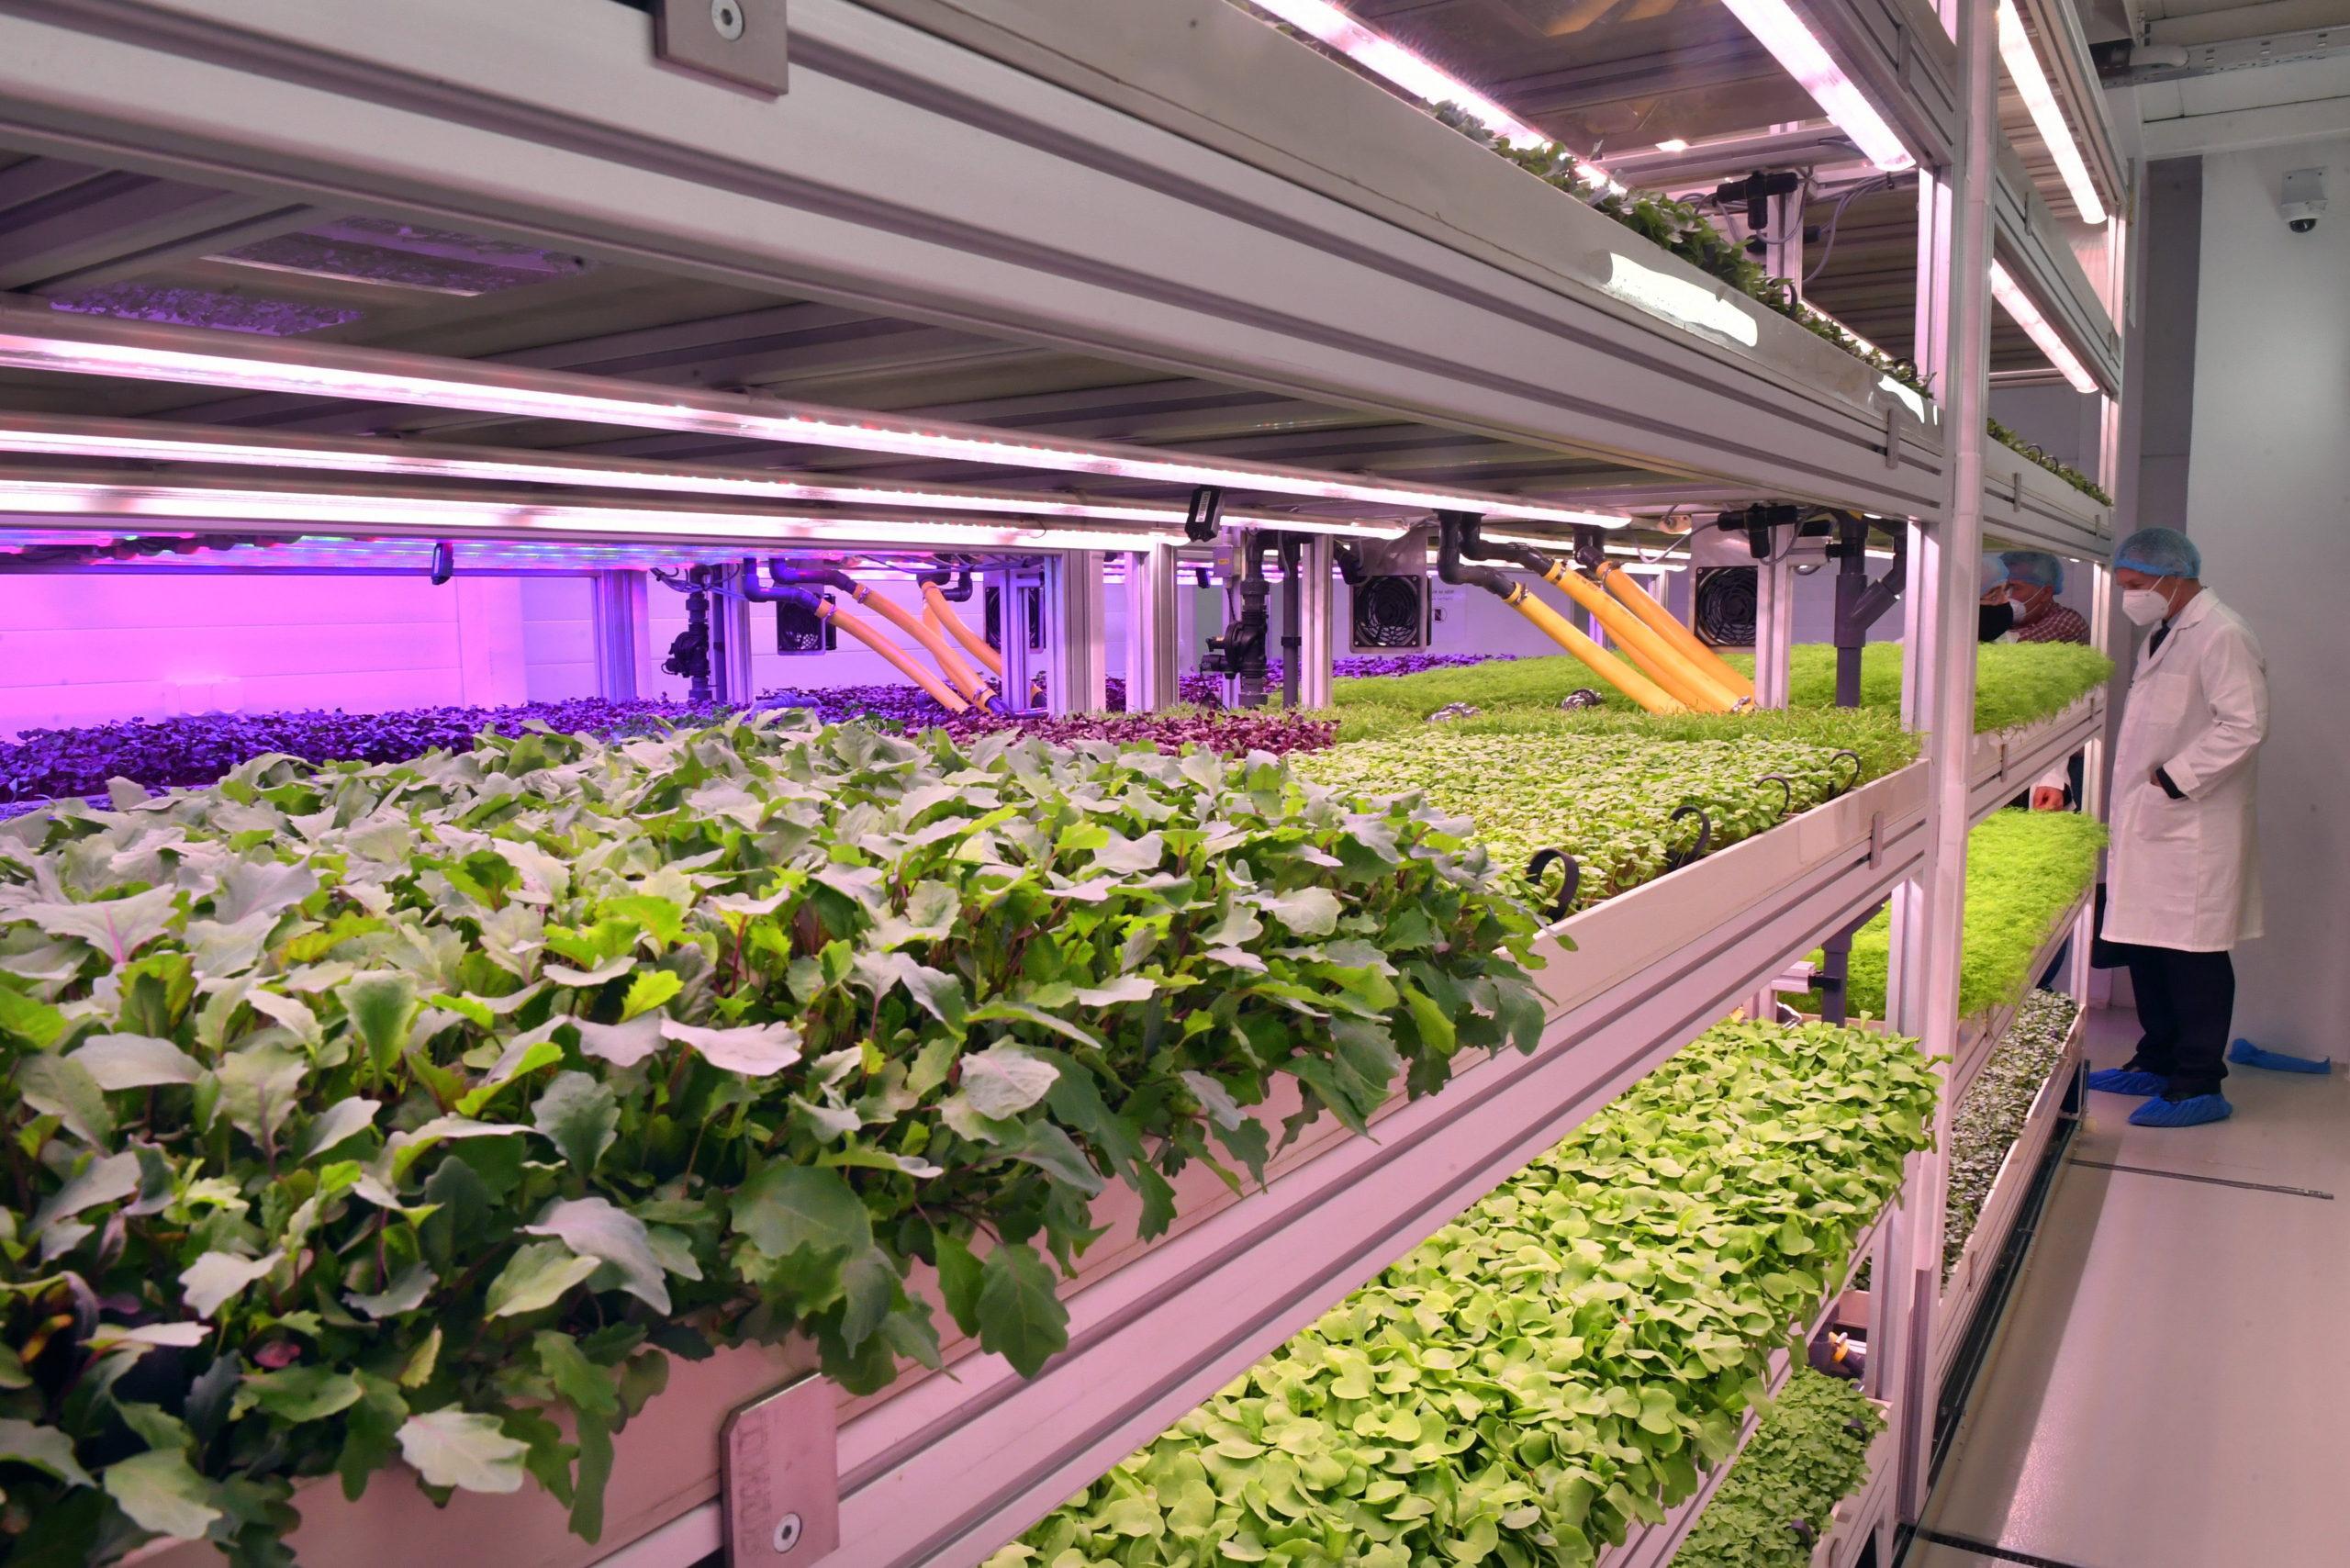 Zöldségnövények fejlõdnek mesterséges fényviszonyok között a Tungsram Group vertikális farmján az avatása napján a Tungsram budapesti központjában 2021. május 5-én.